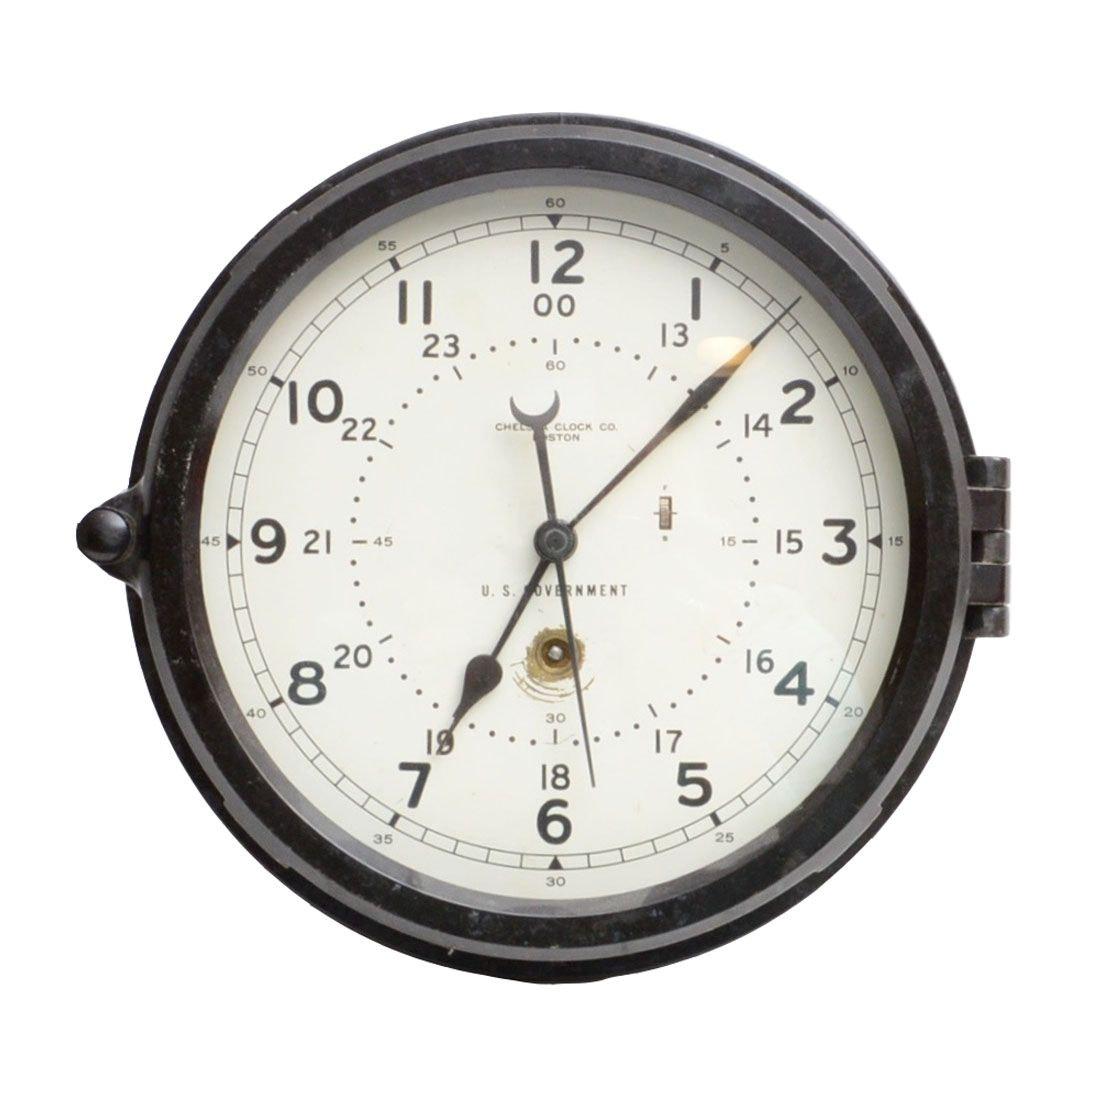 Chelsea Boston U.S Government Ship's Clock